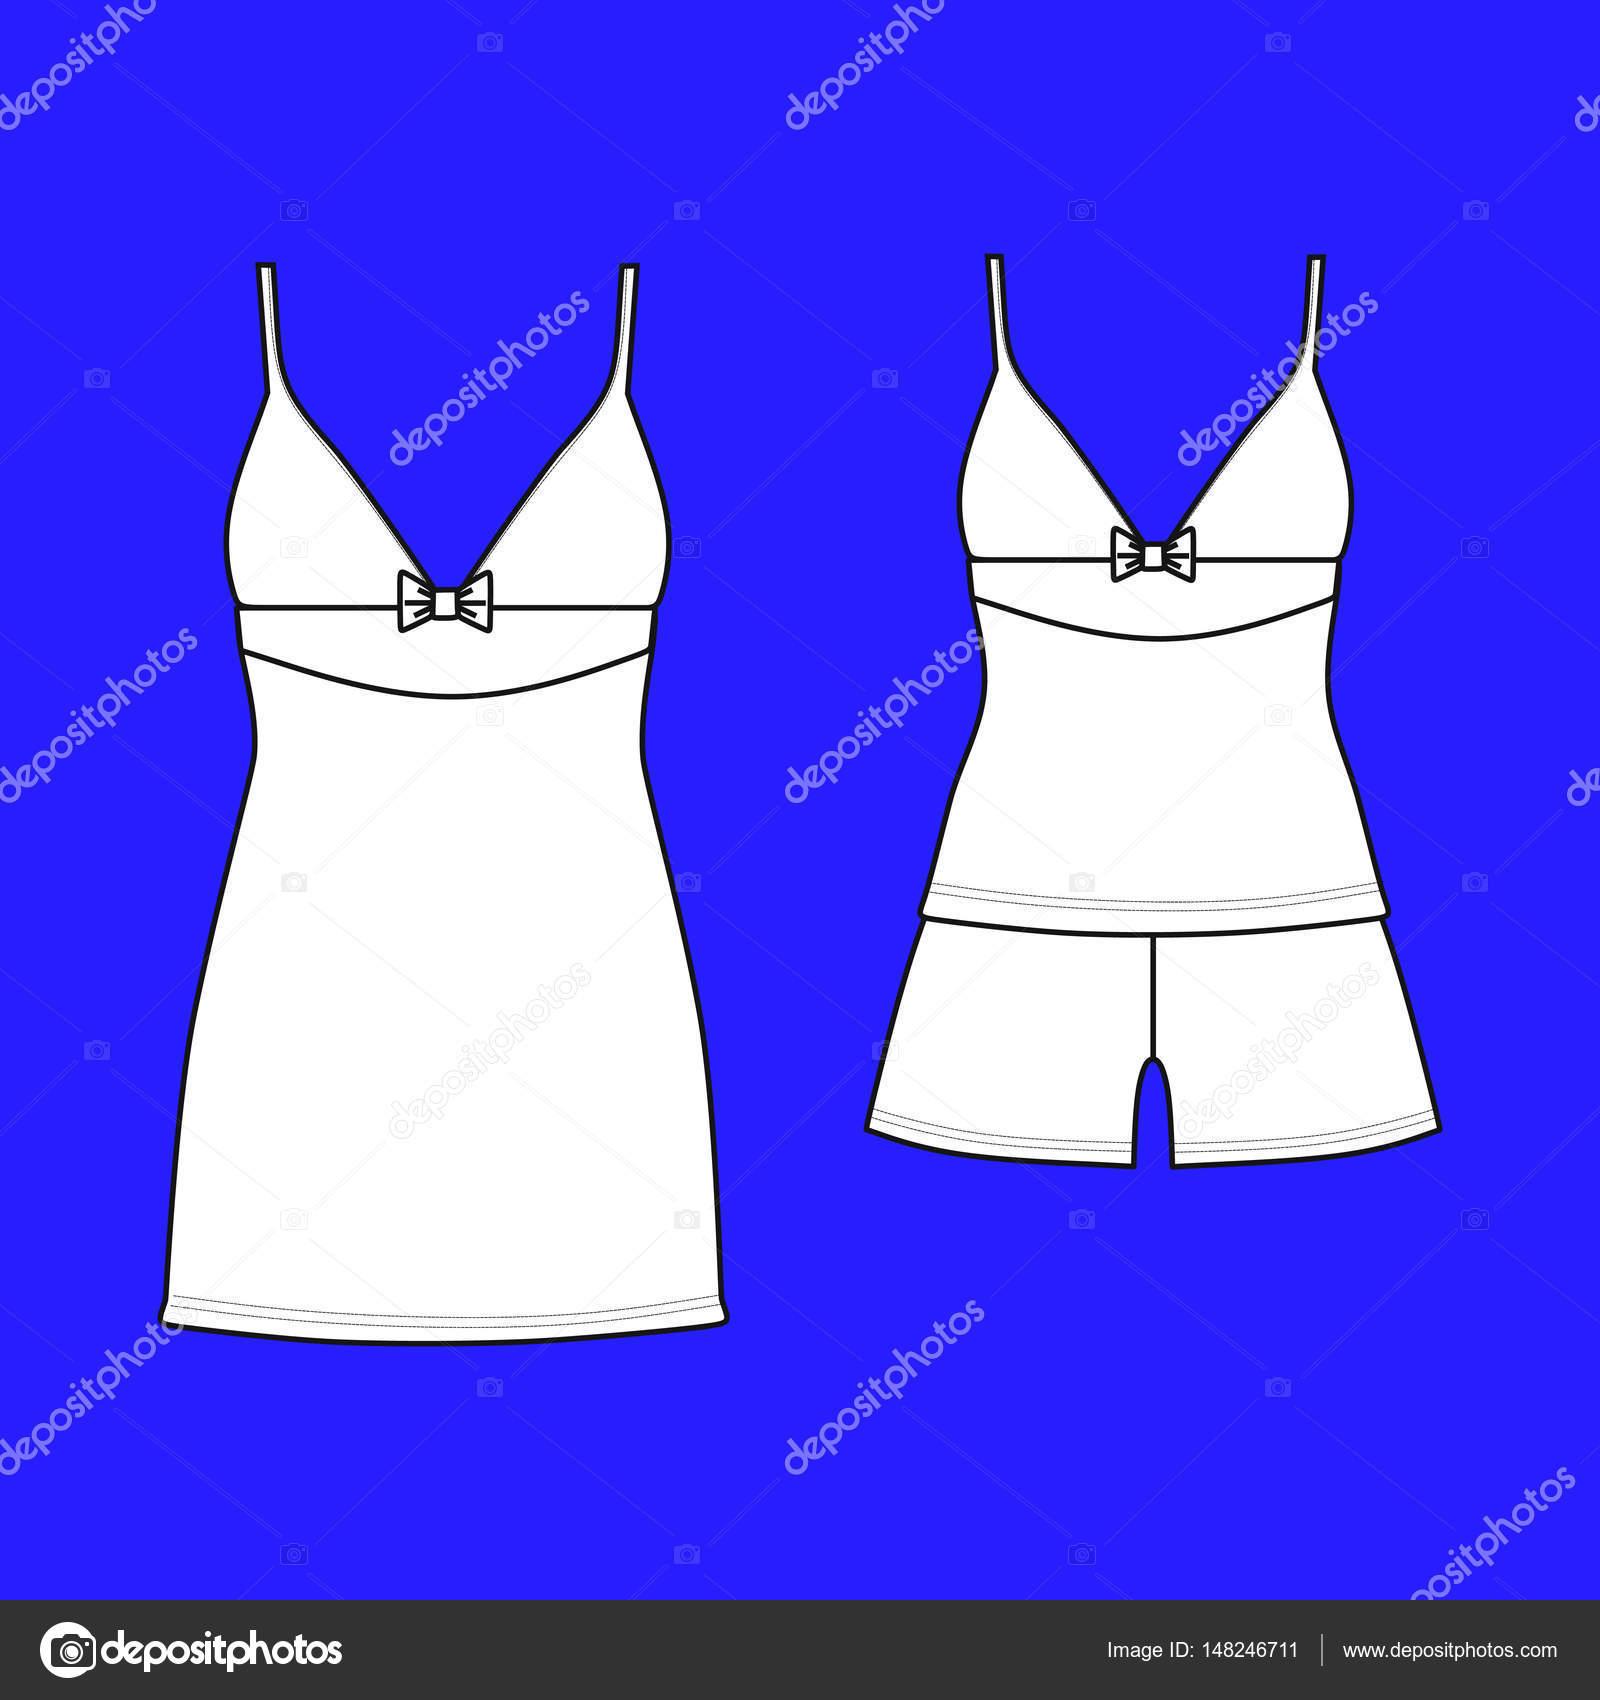 4f7446571d93ac Одяг. Жіночий homewear. піжами Джерсі. Шорти і топ — Вектор від anytaktlv